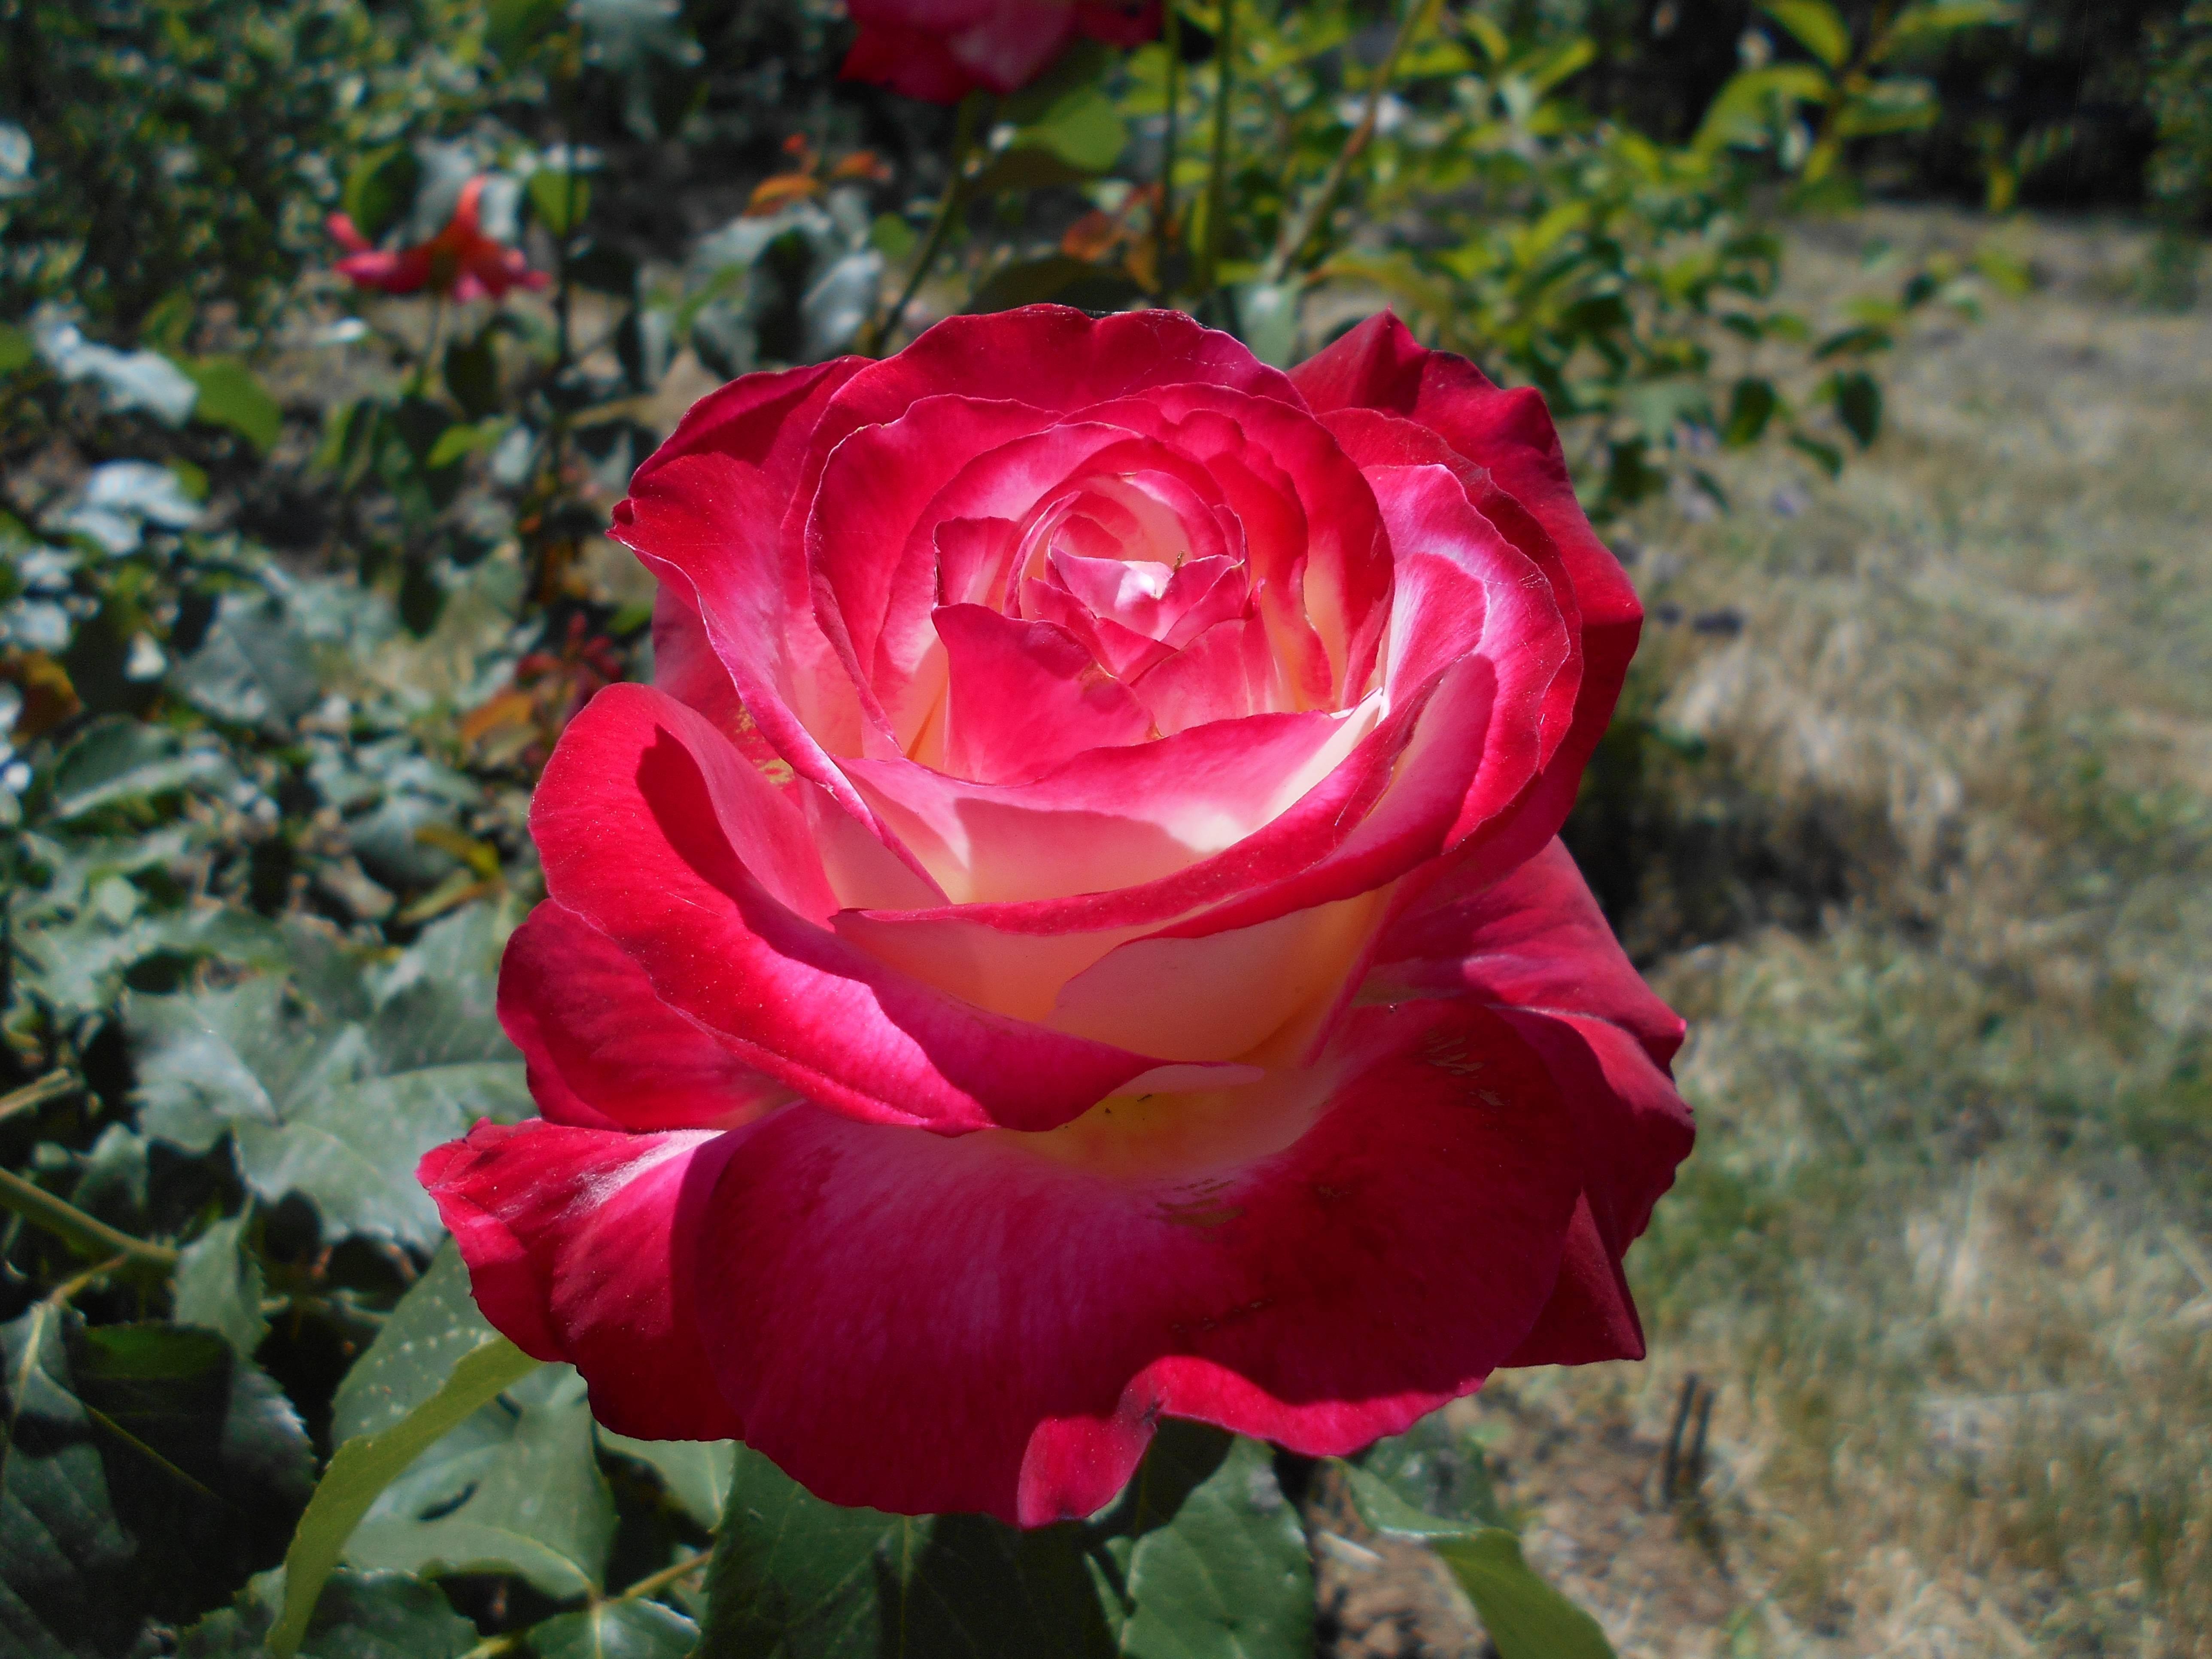 Описание и характеристики английской парковой розы сорта джубили селебрейшн